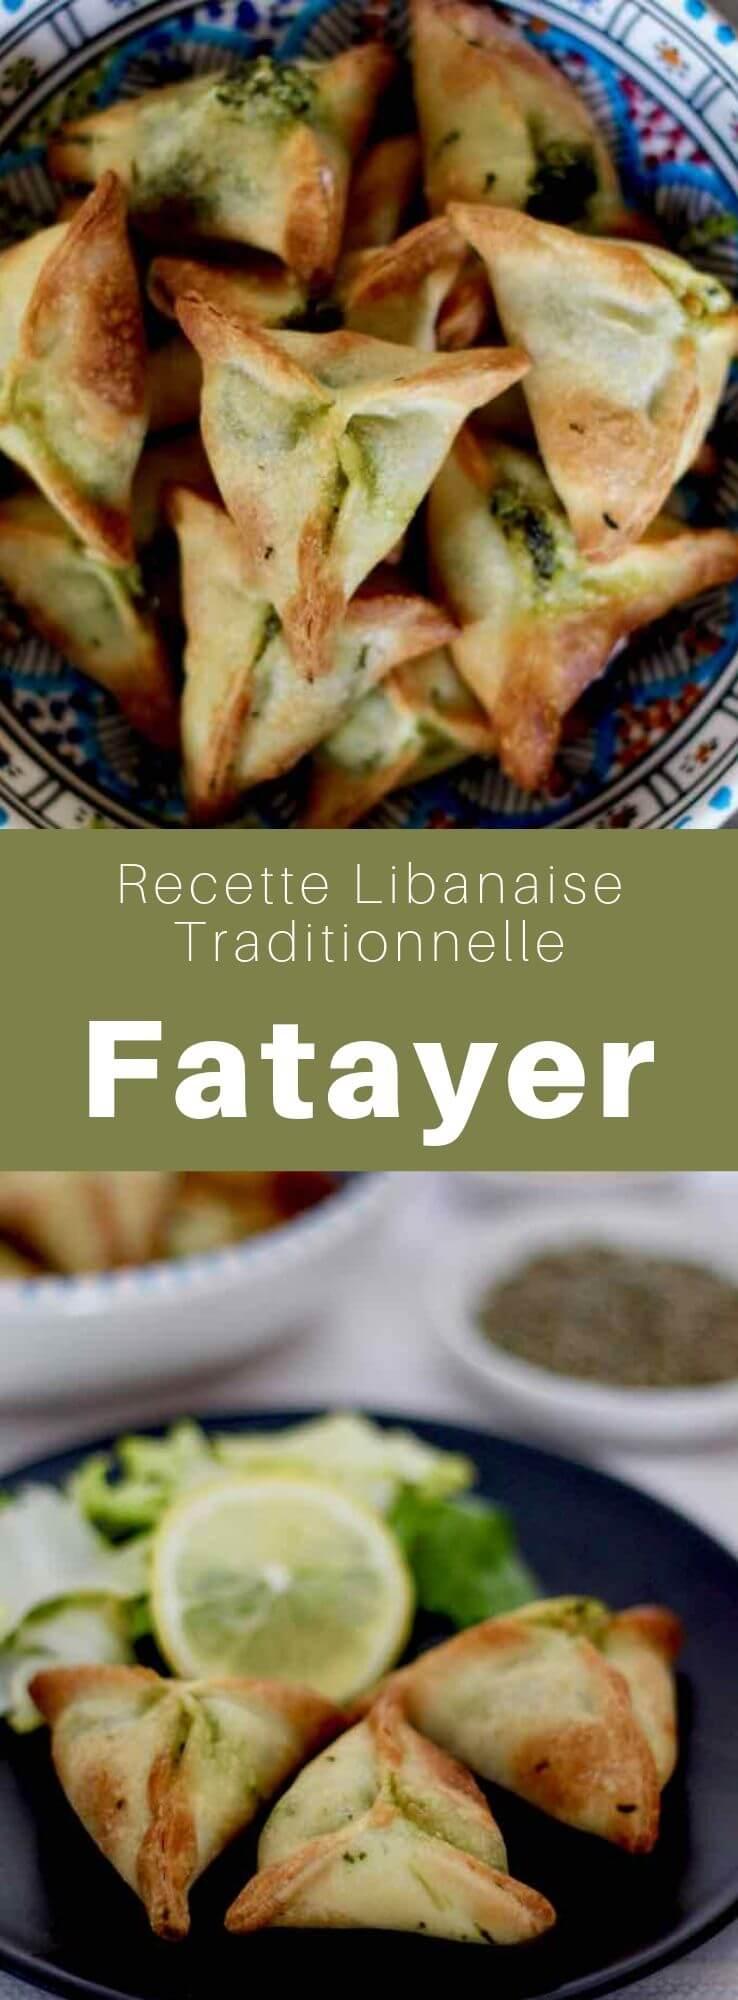 Le fatayeroufitiir est un mezzé de la cuisine libanaise, un chausson farci d'épinards consommé également enTurquieet dans les pays duProche-Orient. #Liban #CuisineLibanaise #RecetteLibanaise #RecetteLevantine #CuisineLevantine #CuisineDuMonde #196flavors